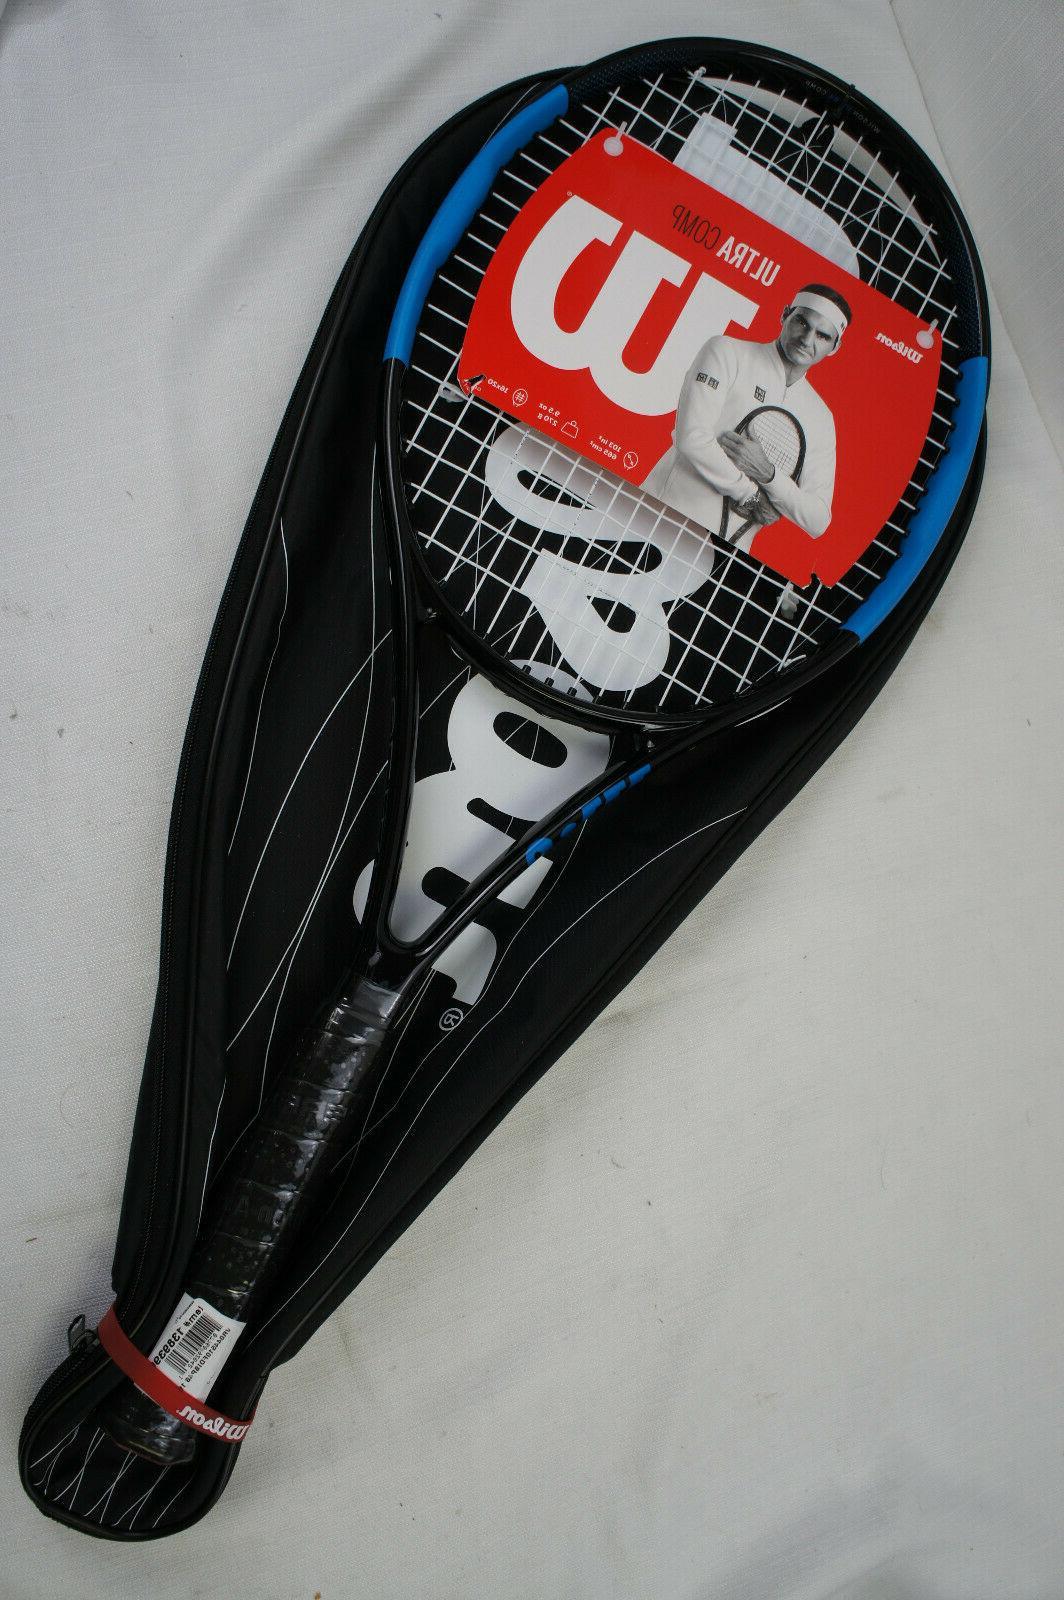 ultra comp tennis racket grip size 3